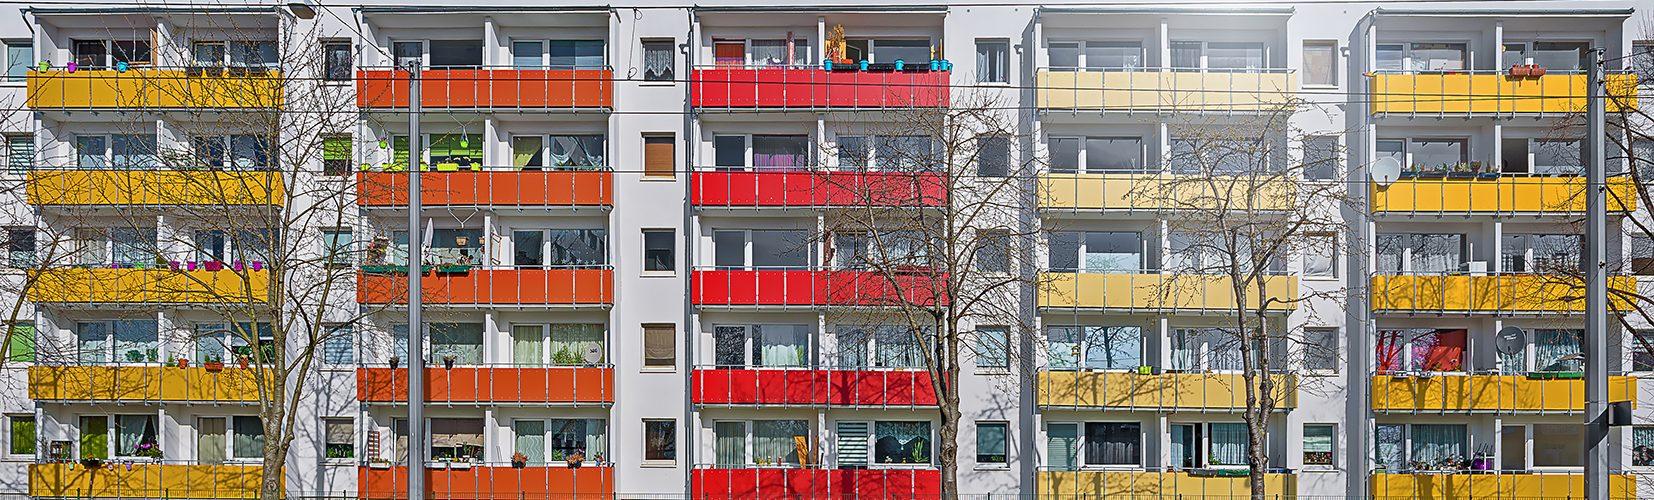 AdobeStock ©SZ Designs Wohnraum Miete Grosraumsiedlung